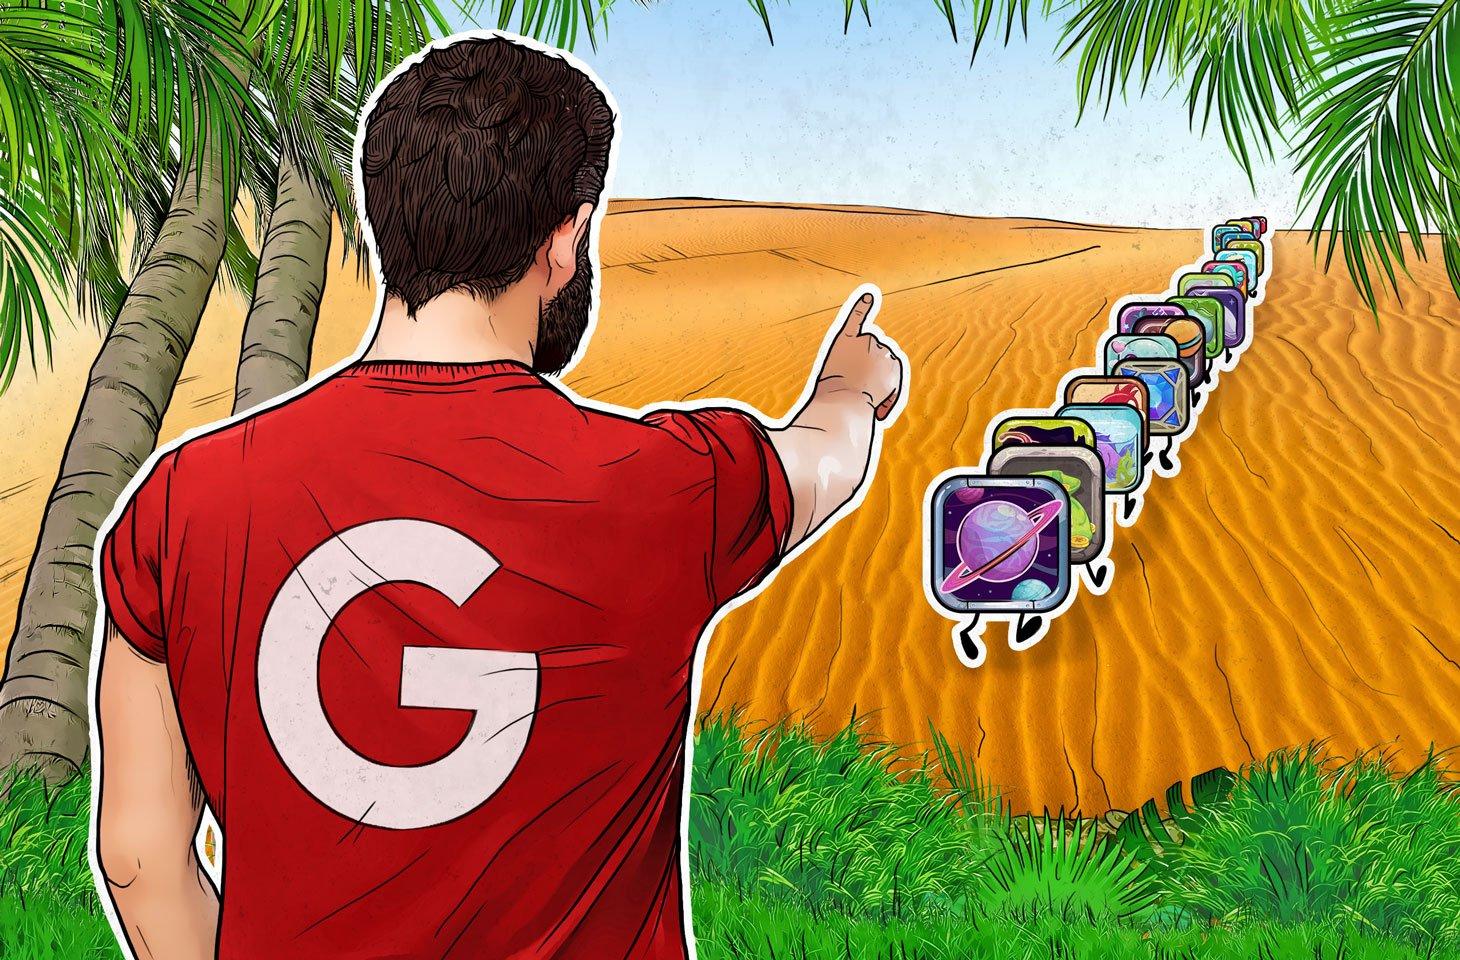 Le app che richiedono l'accesso a chiamate e SMS senza valide ragioni saranno eliminate da Google Play. Ecco quali minacce potrebbero emergere.